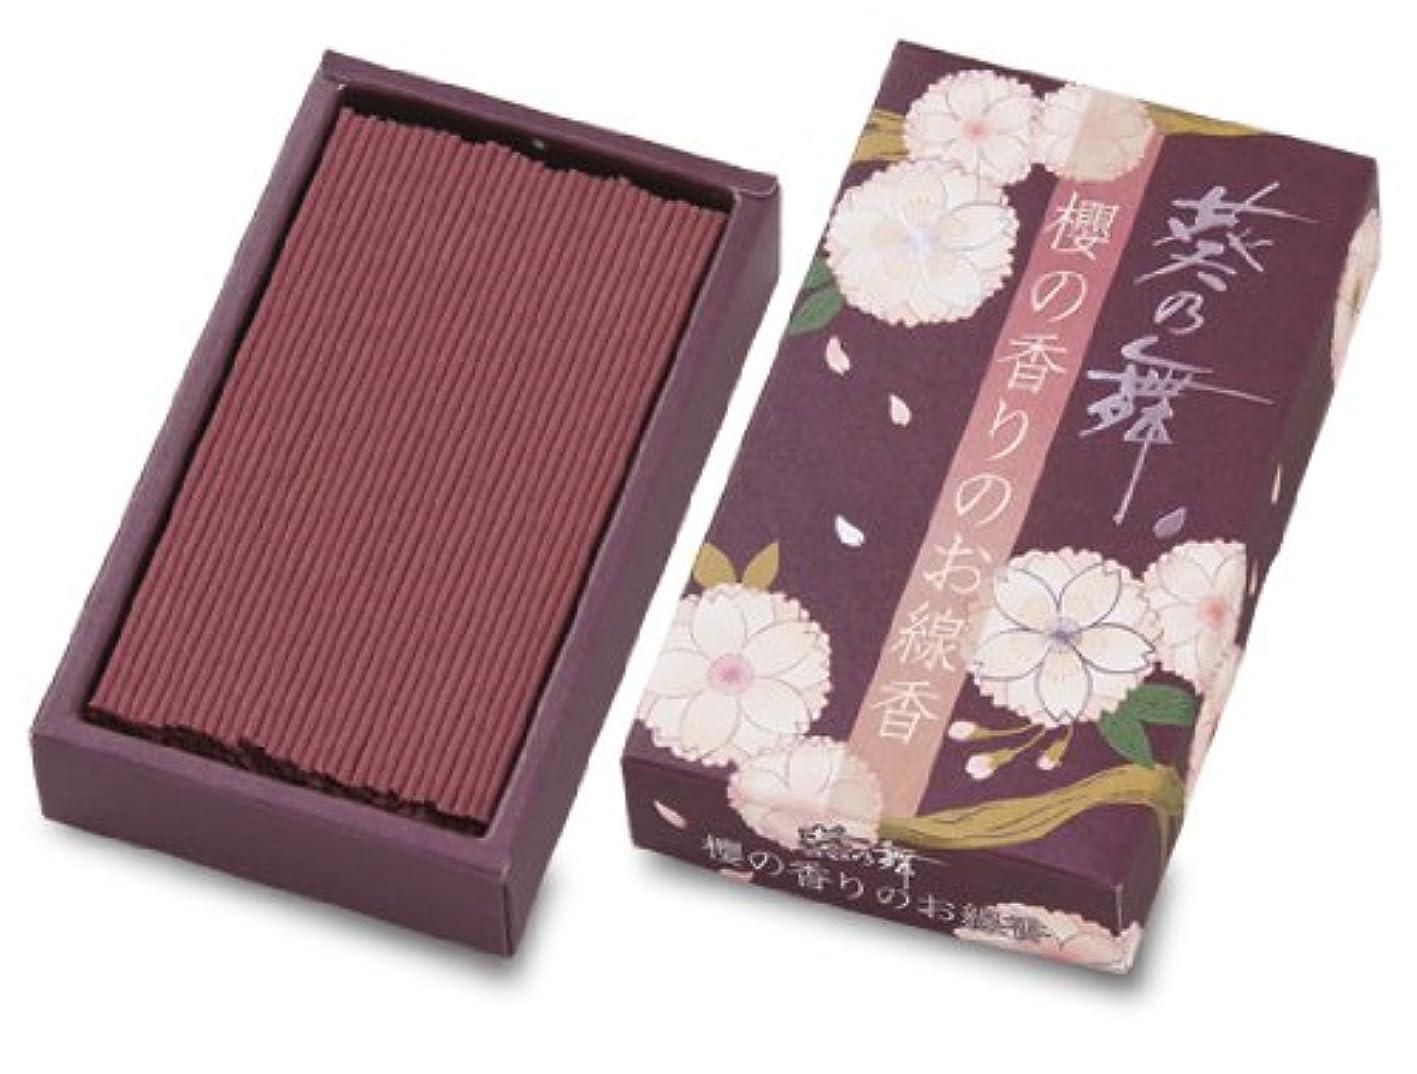 チケット同情的長さ葵乃舞 櫻の香りのお線香 各約130g